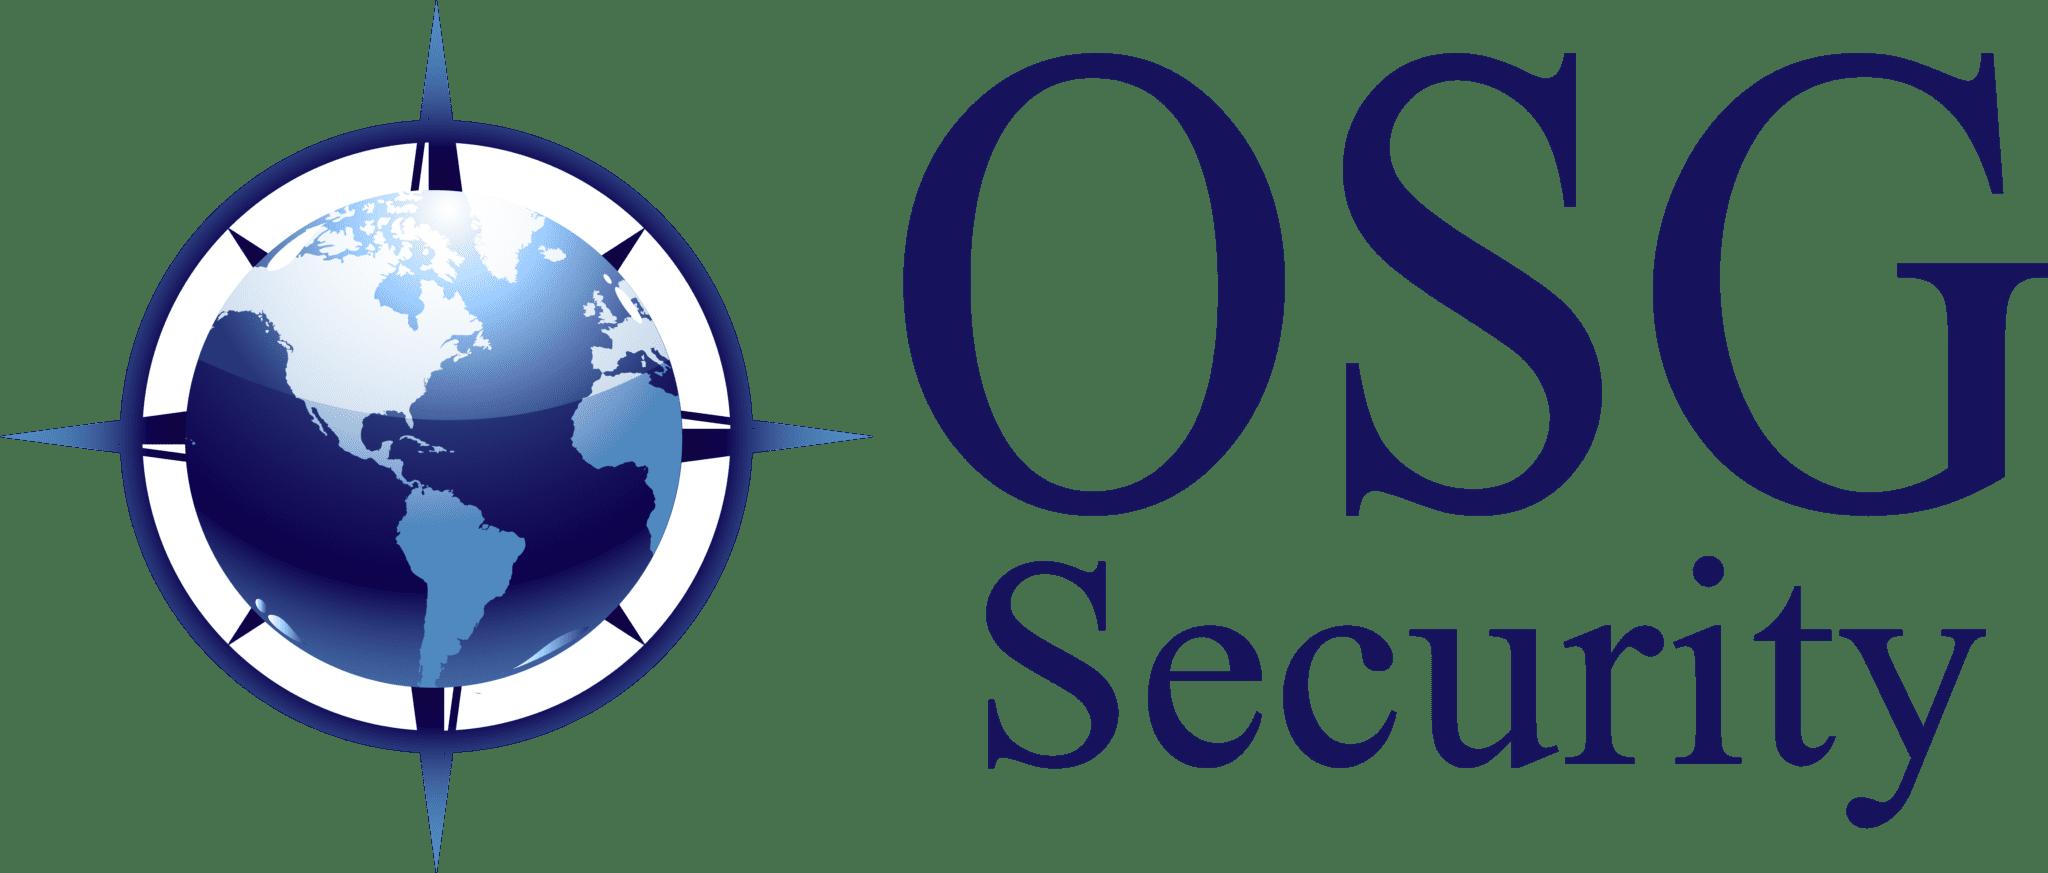 OSG Logo Vector_OSG Security